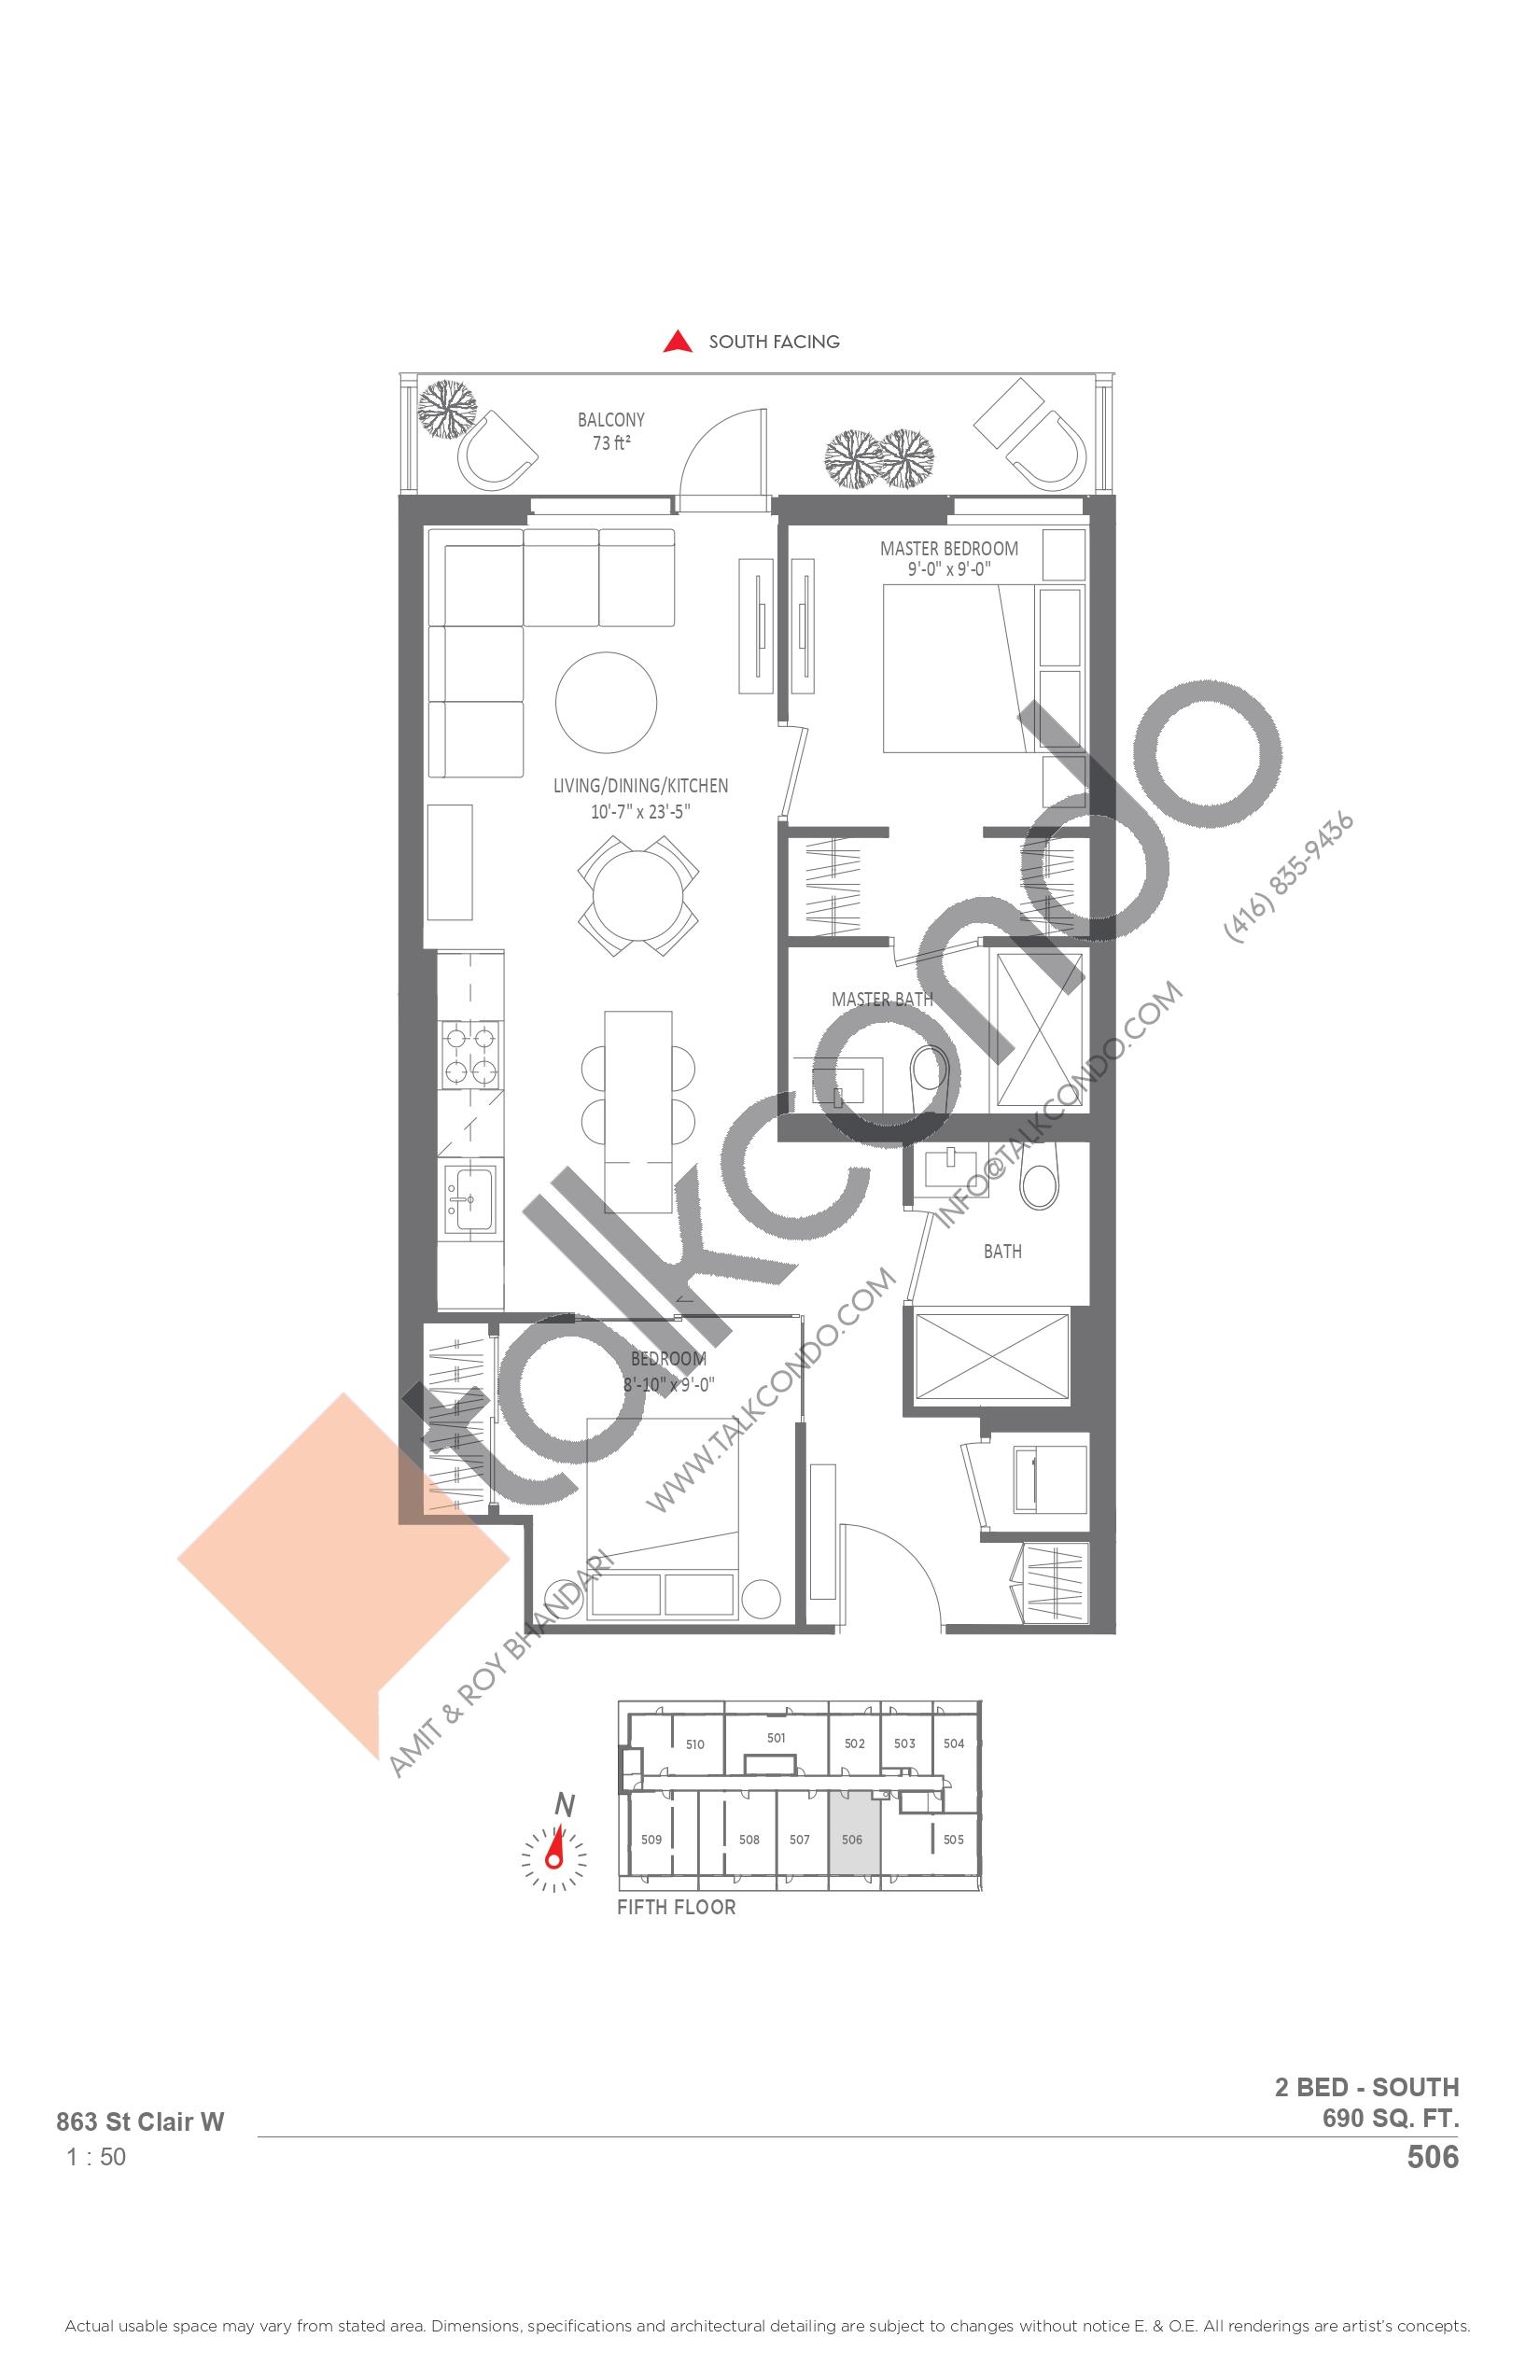 506 Floor Plan at Monza Condos - 690 sq.ft